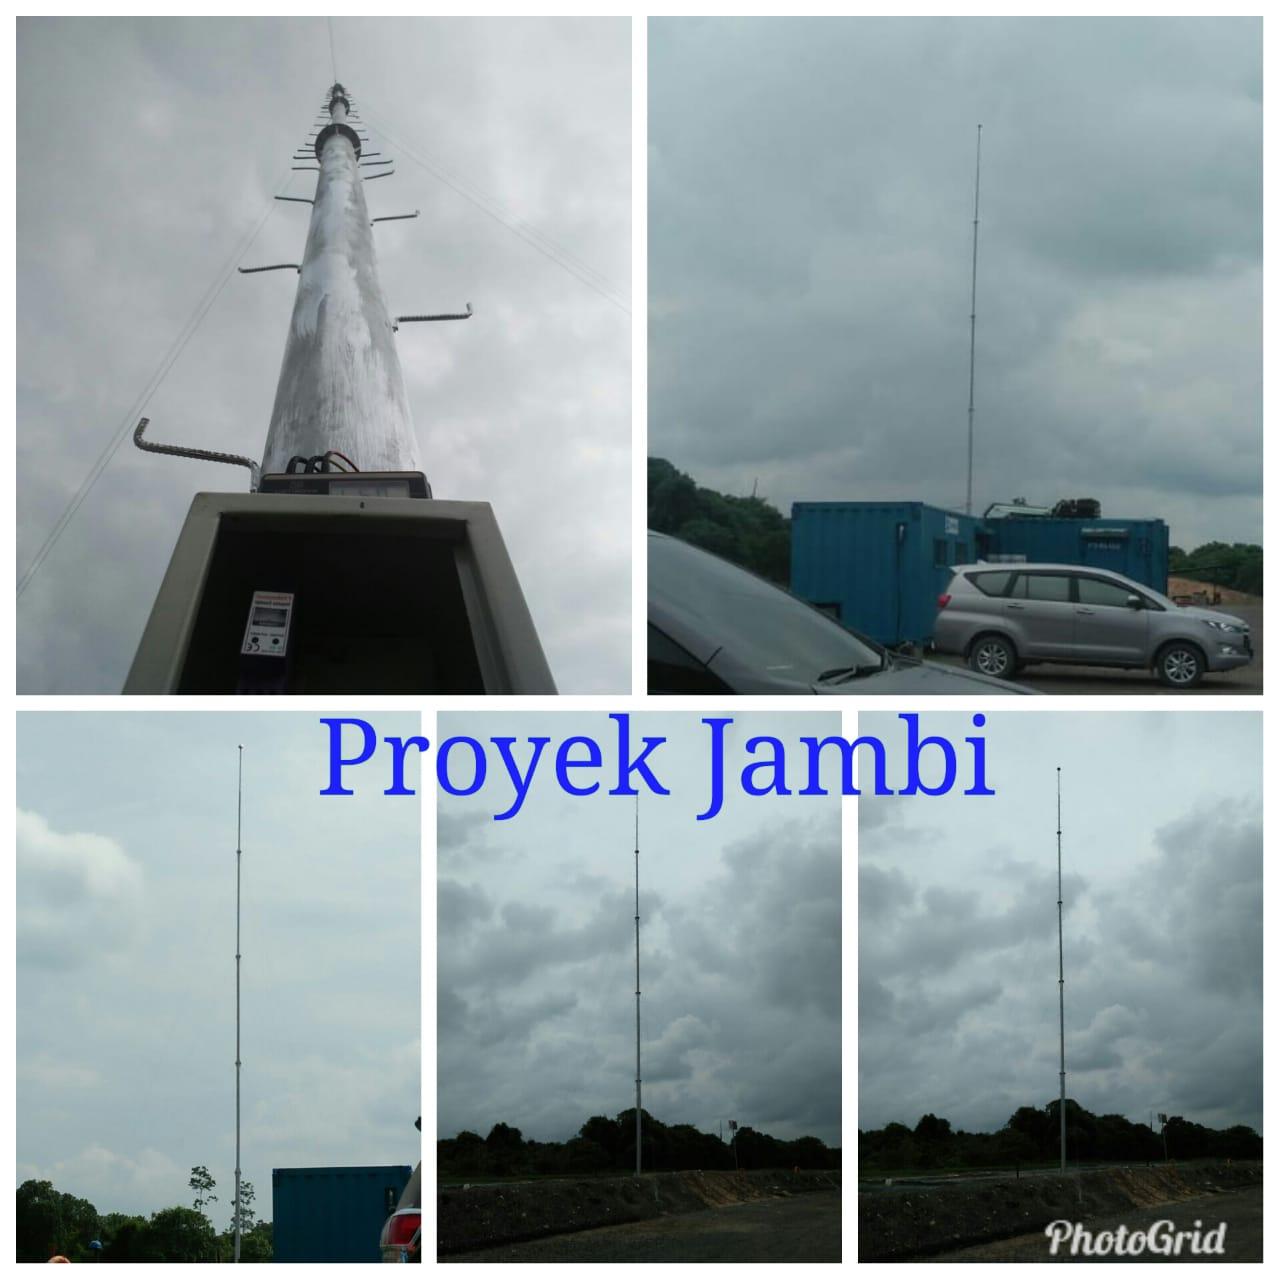 Proyek Jambi